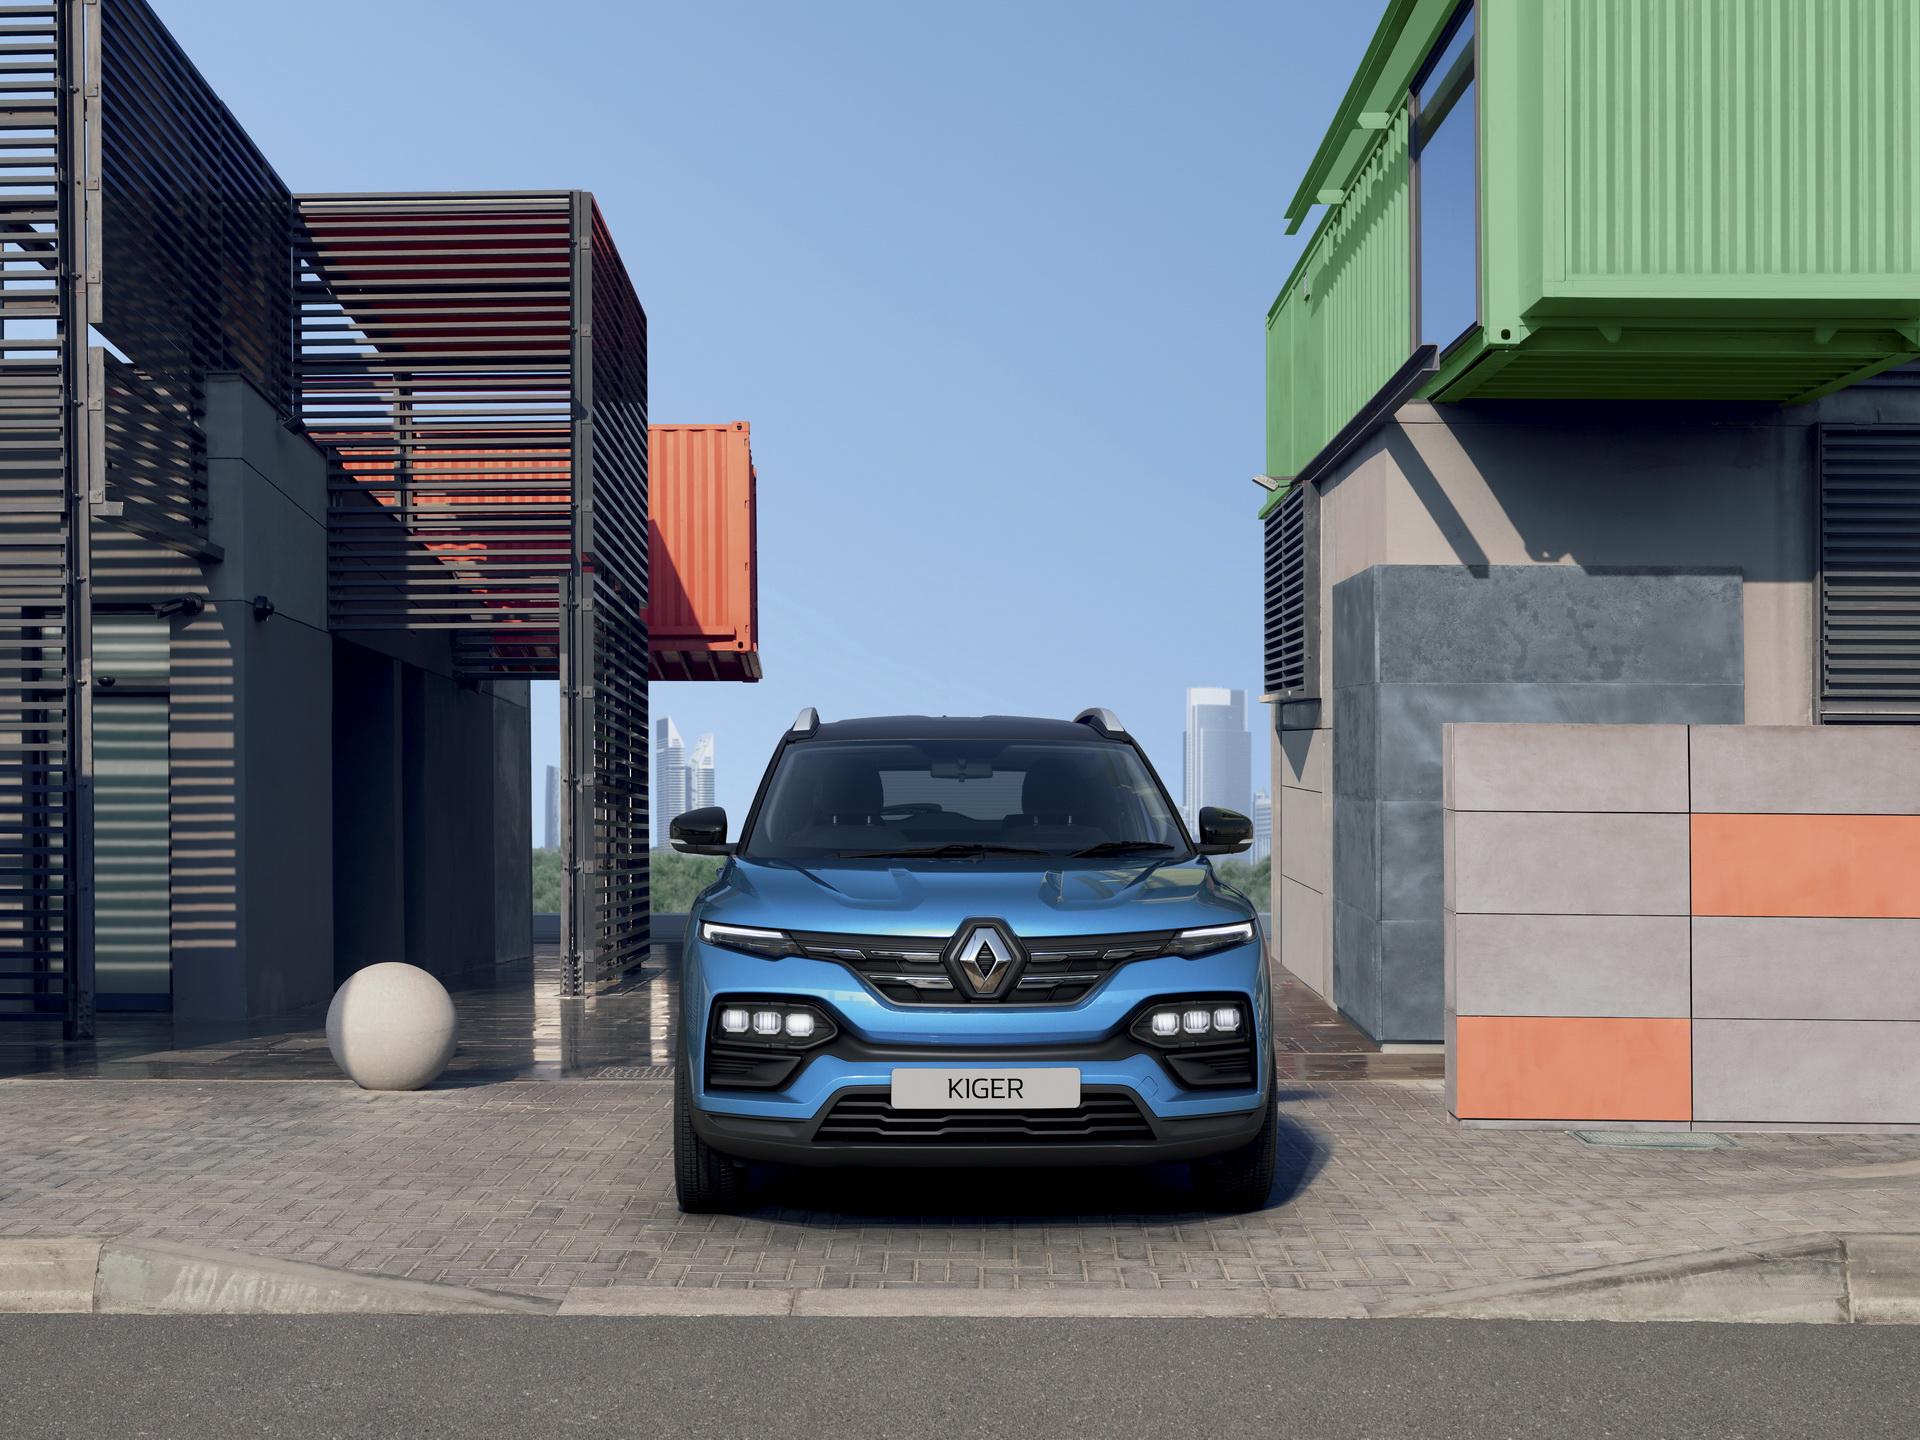 фары, решетка, бампер Renault Kiger 2022